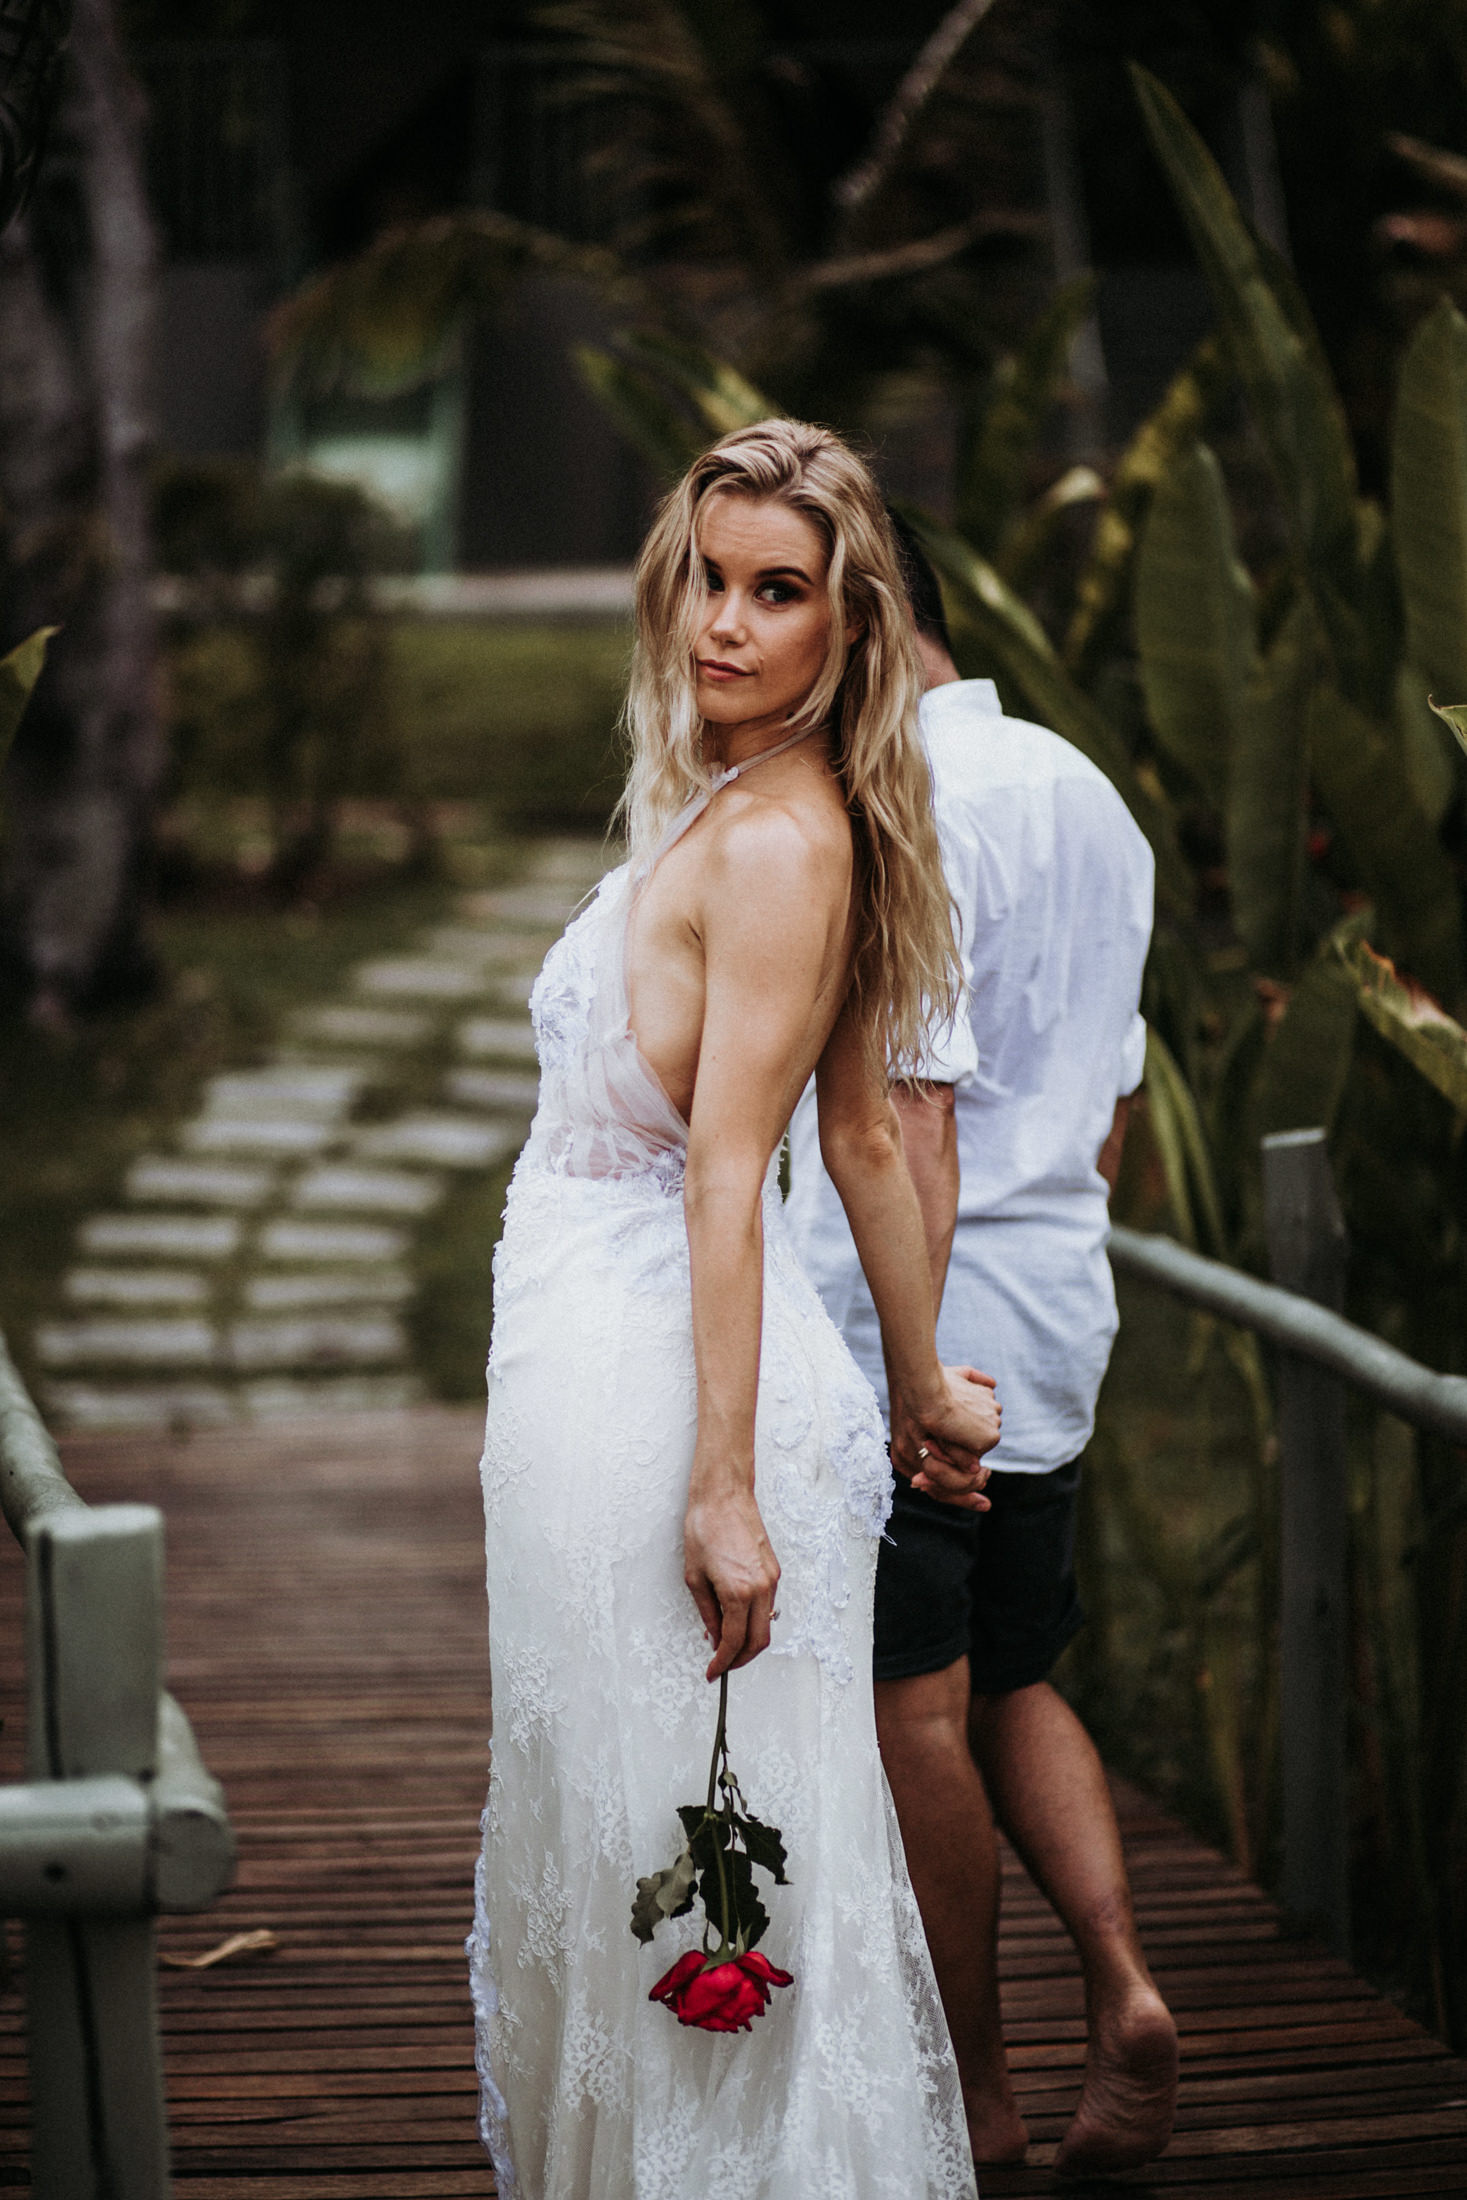 DanielaMarquardt_Wedding_Thailand_483